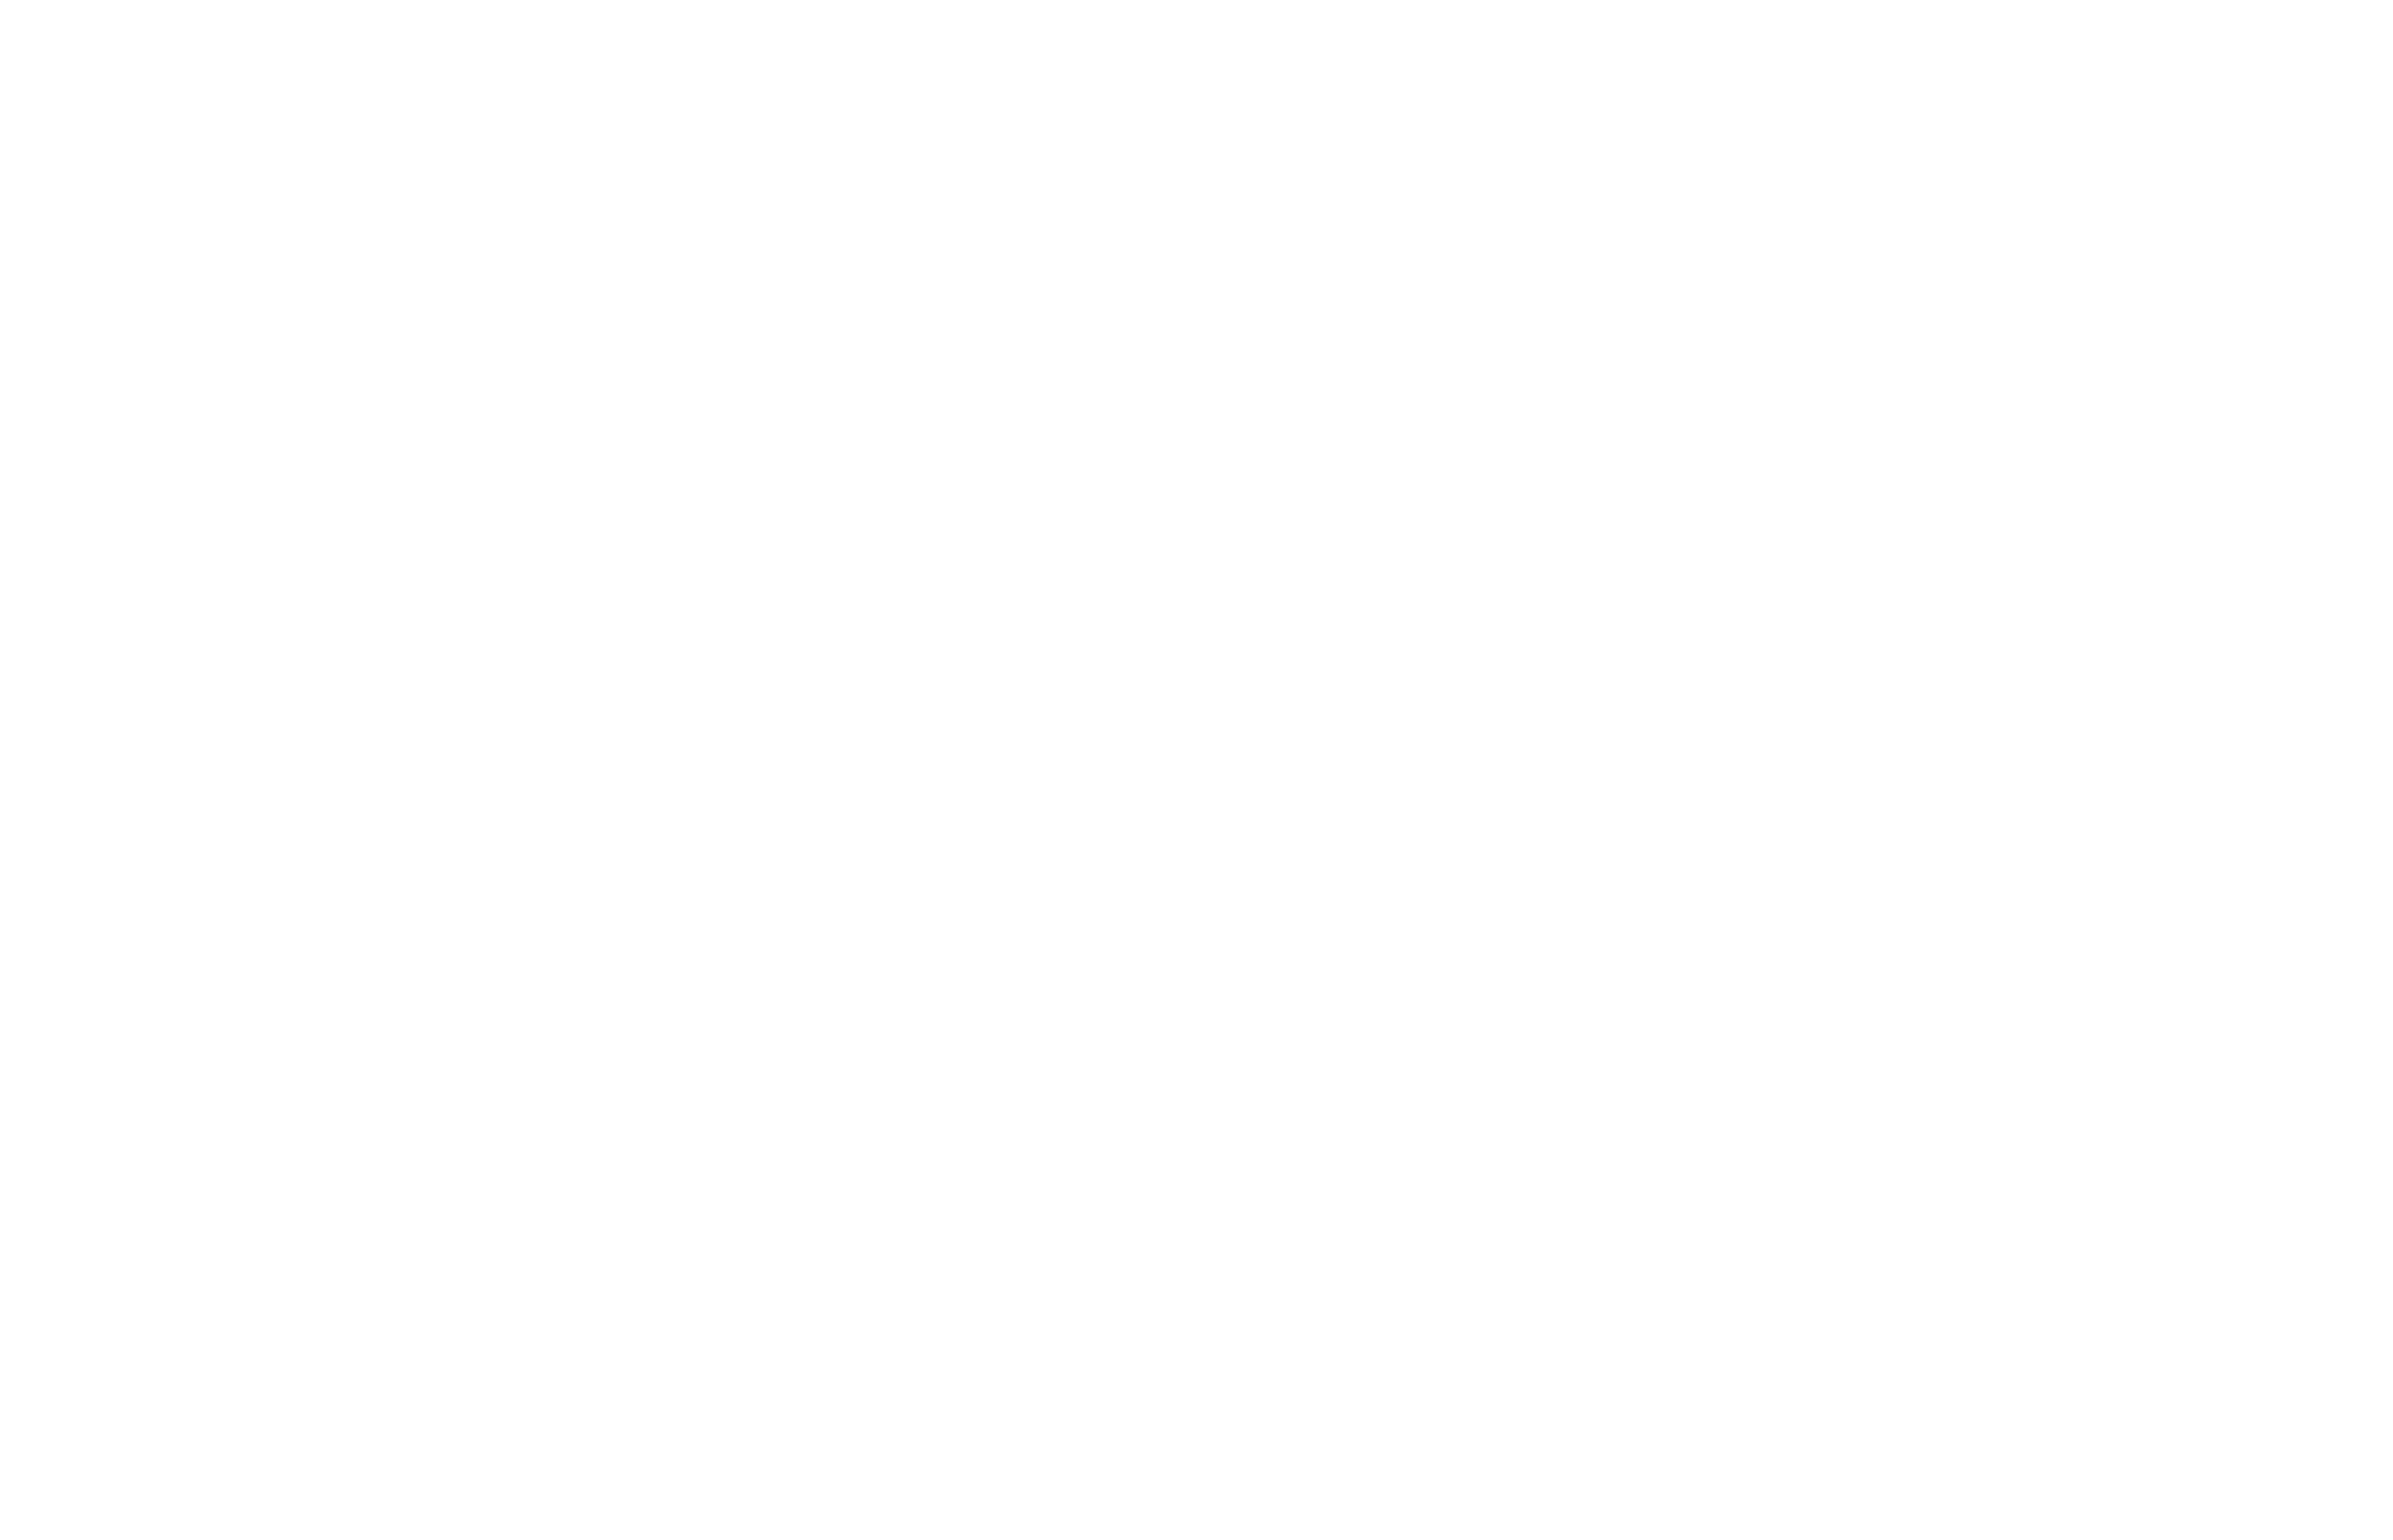 jhaudio.png